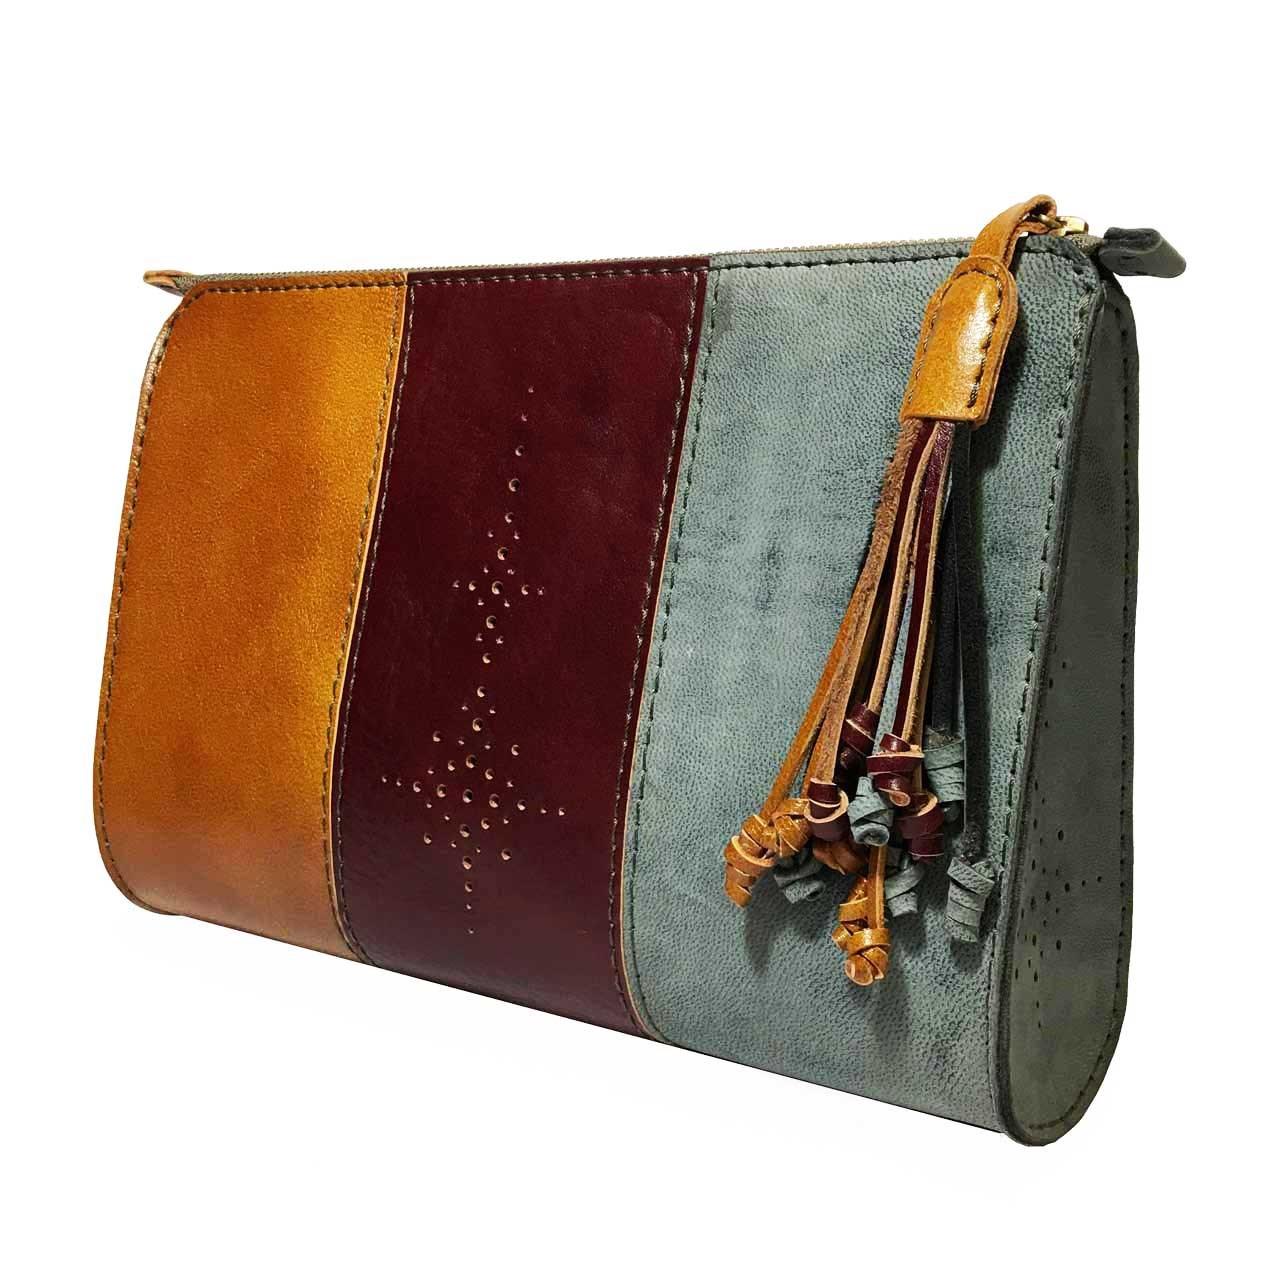 کیف دستی زنانه چرم طبیعی گلیما مدل 271